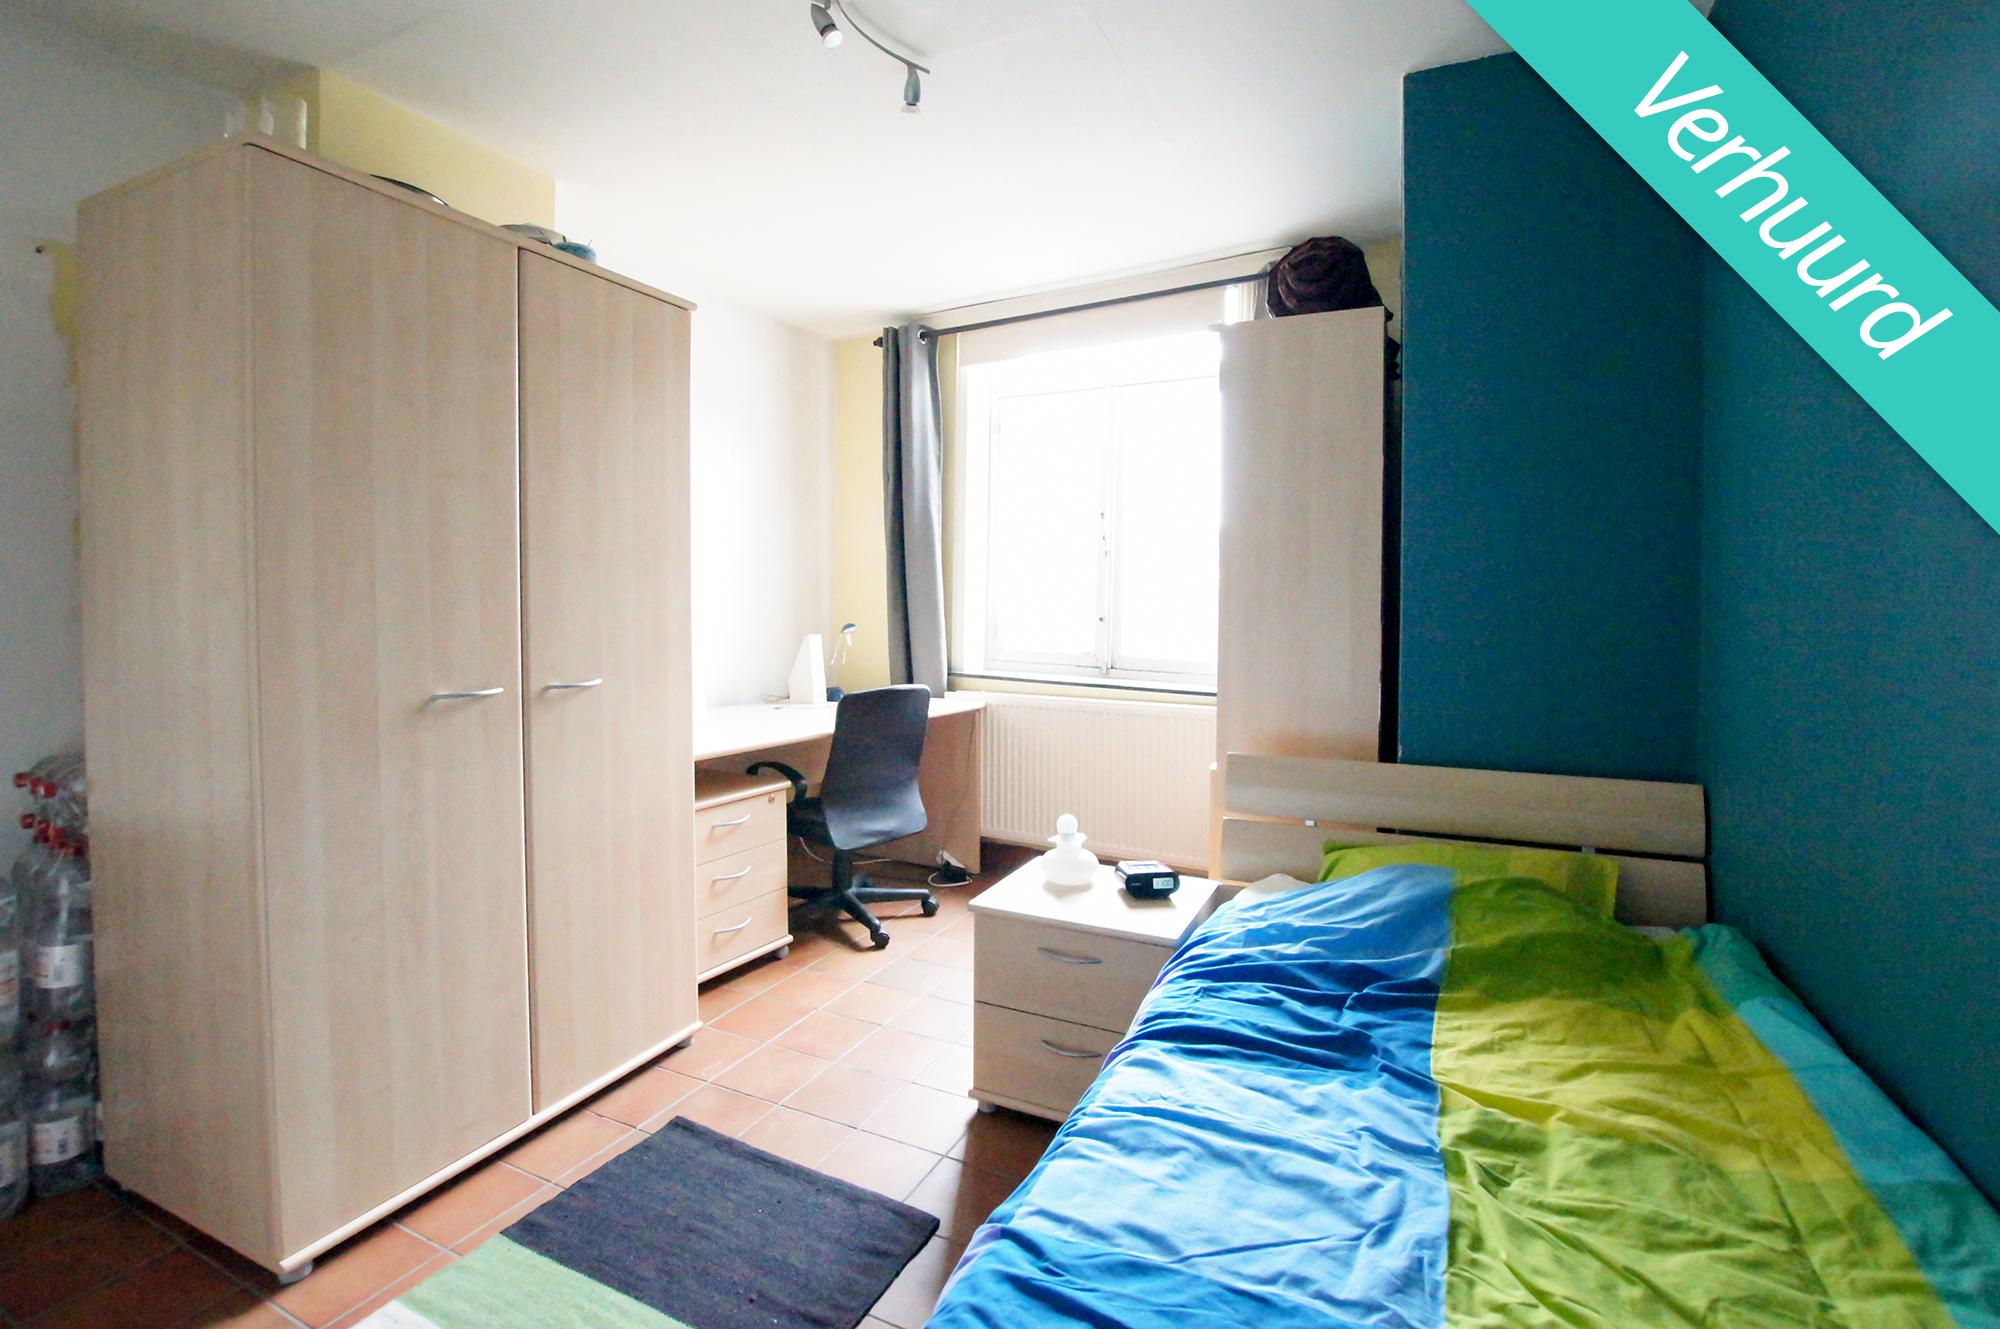 Kamer 4 - Edward van Evenstraat 10-12 - foto 1 verhuurd